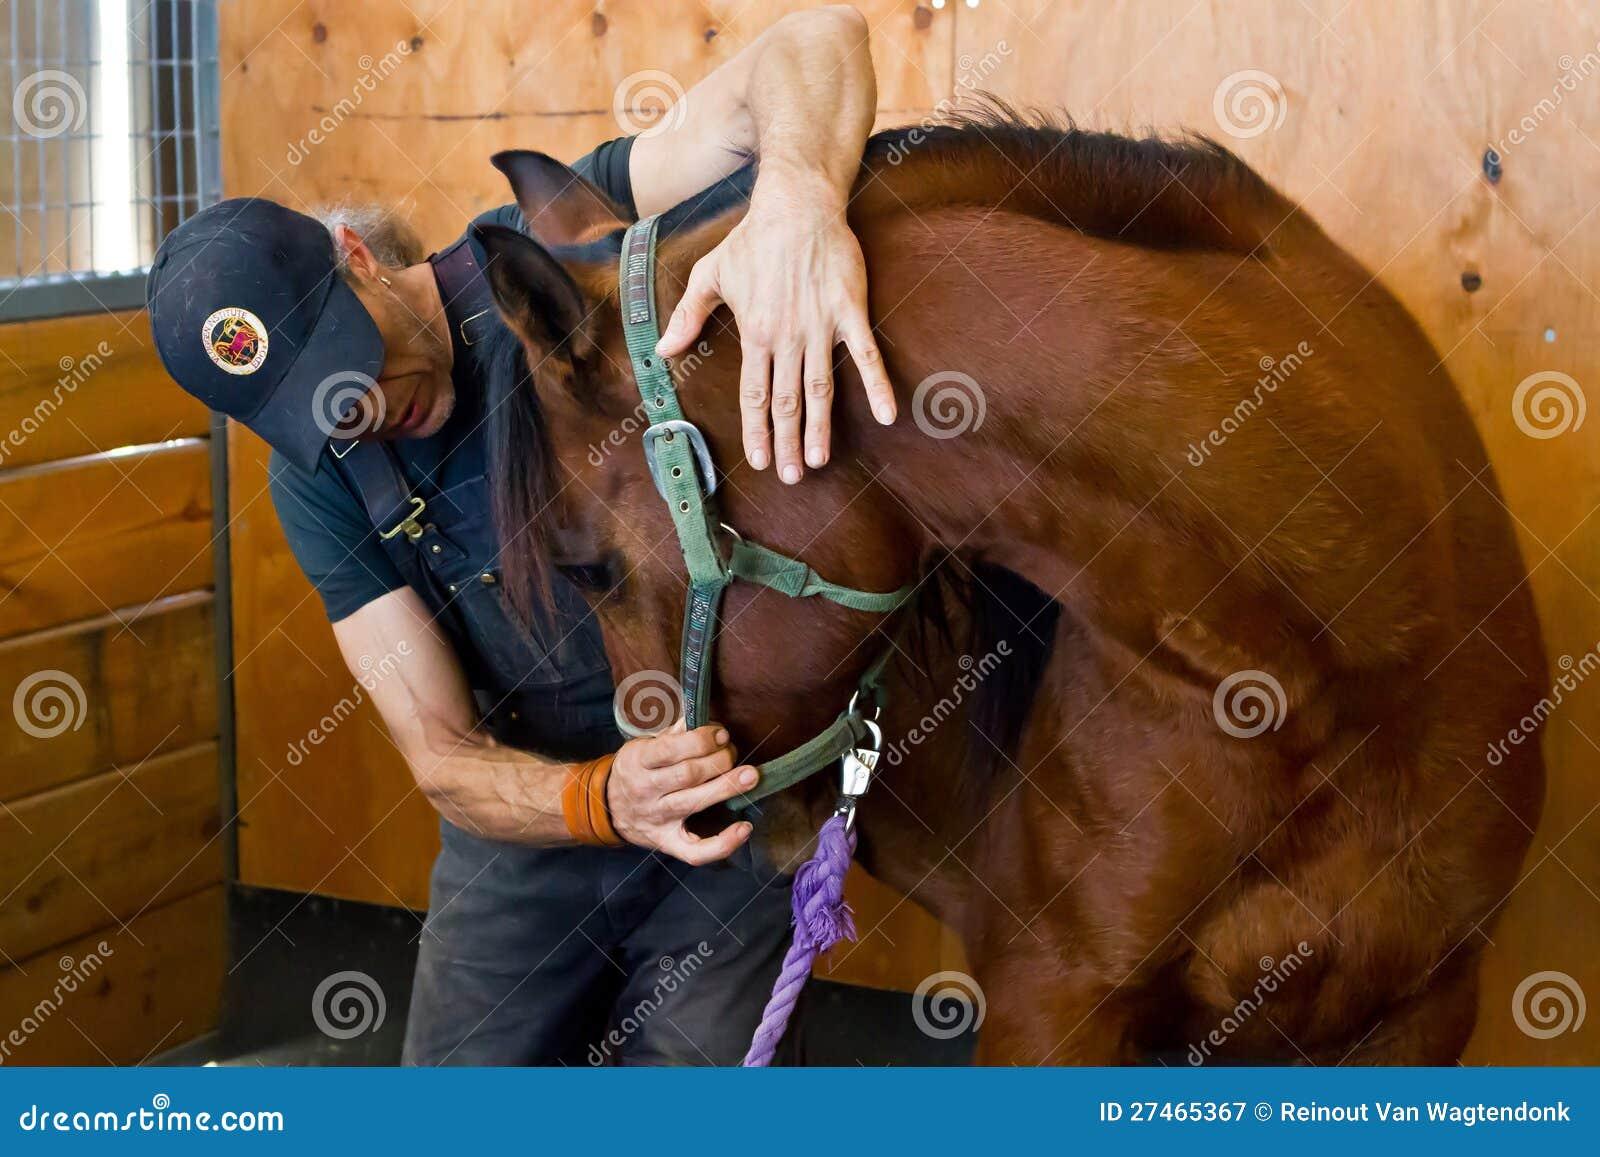 De osteopaat van het paard redactionele fotografie ...